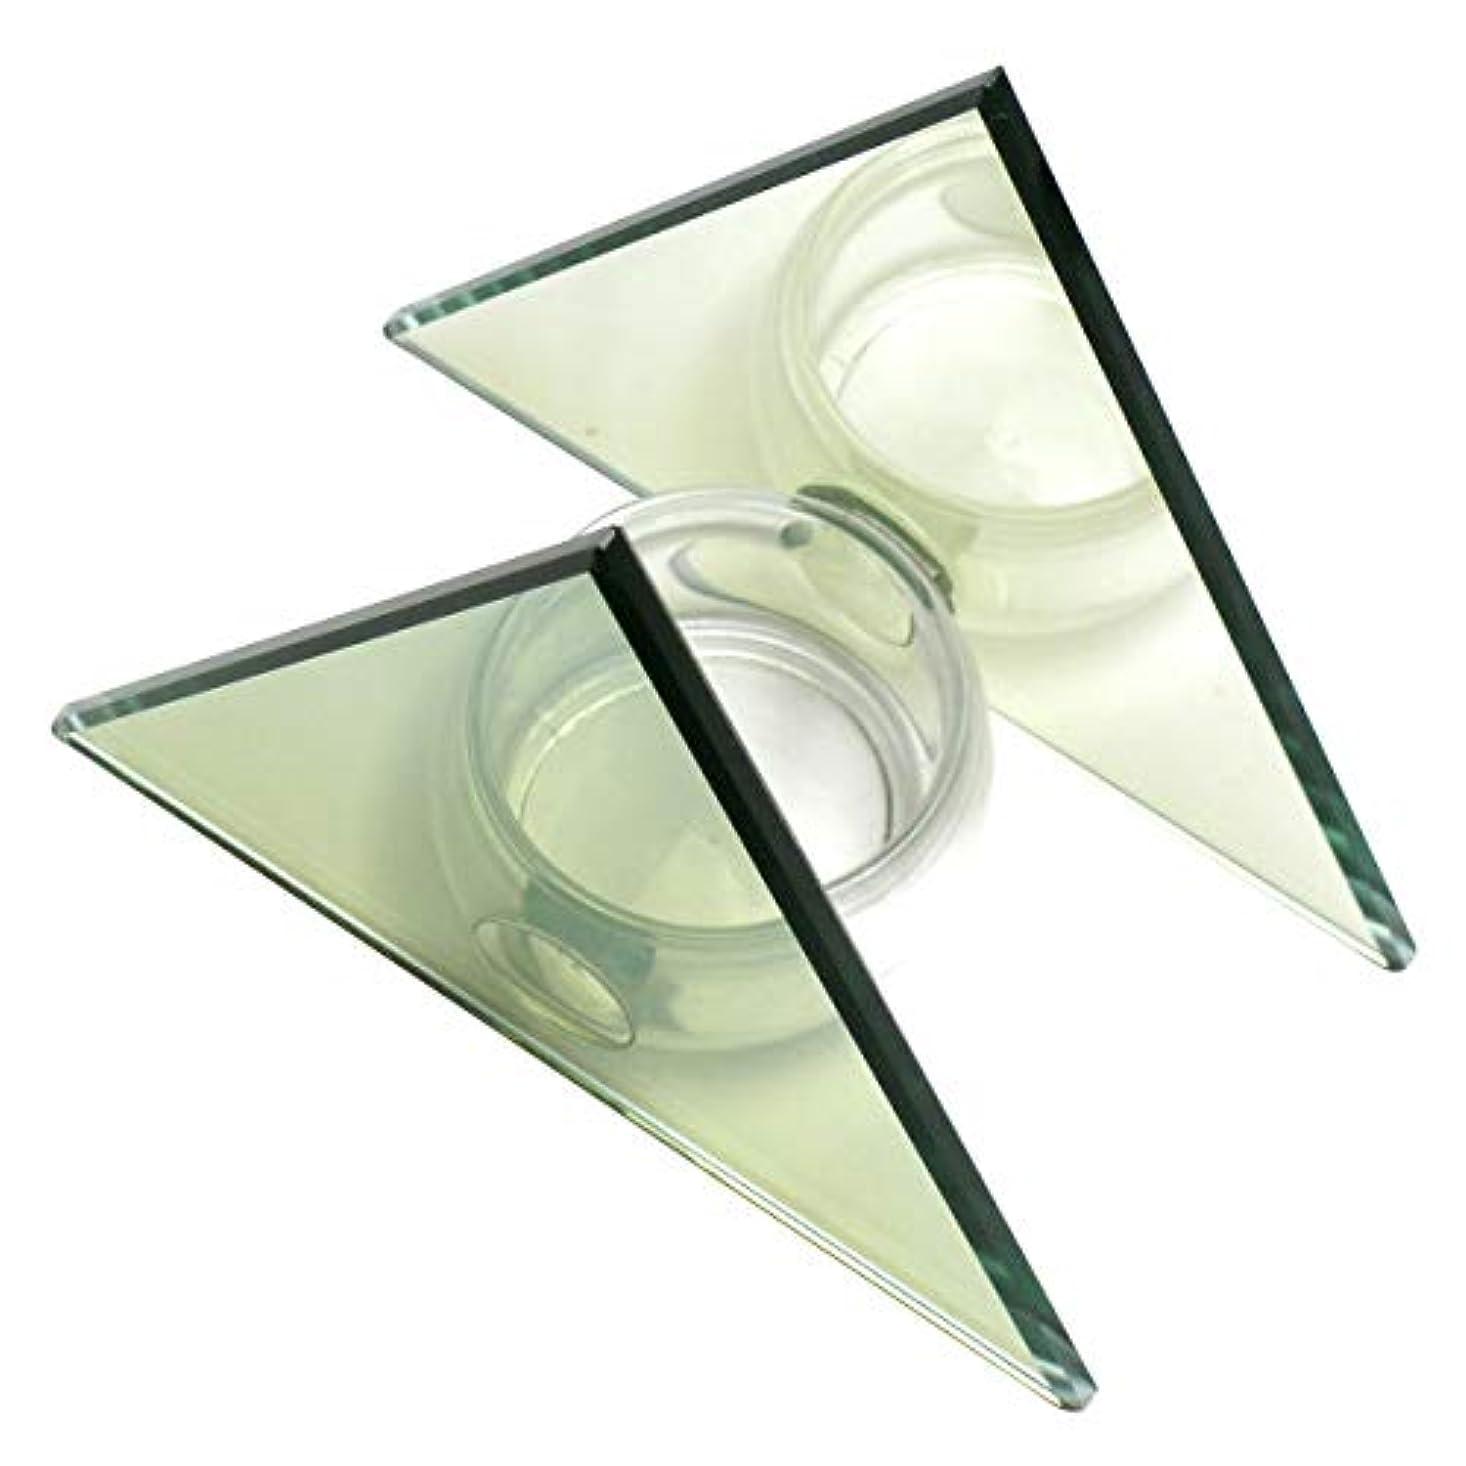 聞く部門麻酔薬無限連鎖キャンドルホルダー ピラミッド ガラス キャンドルスタンド ランタン 誕生日 ティーライトキャンドル